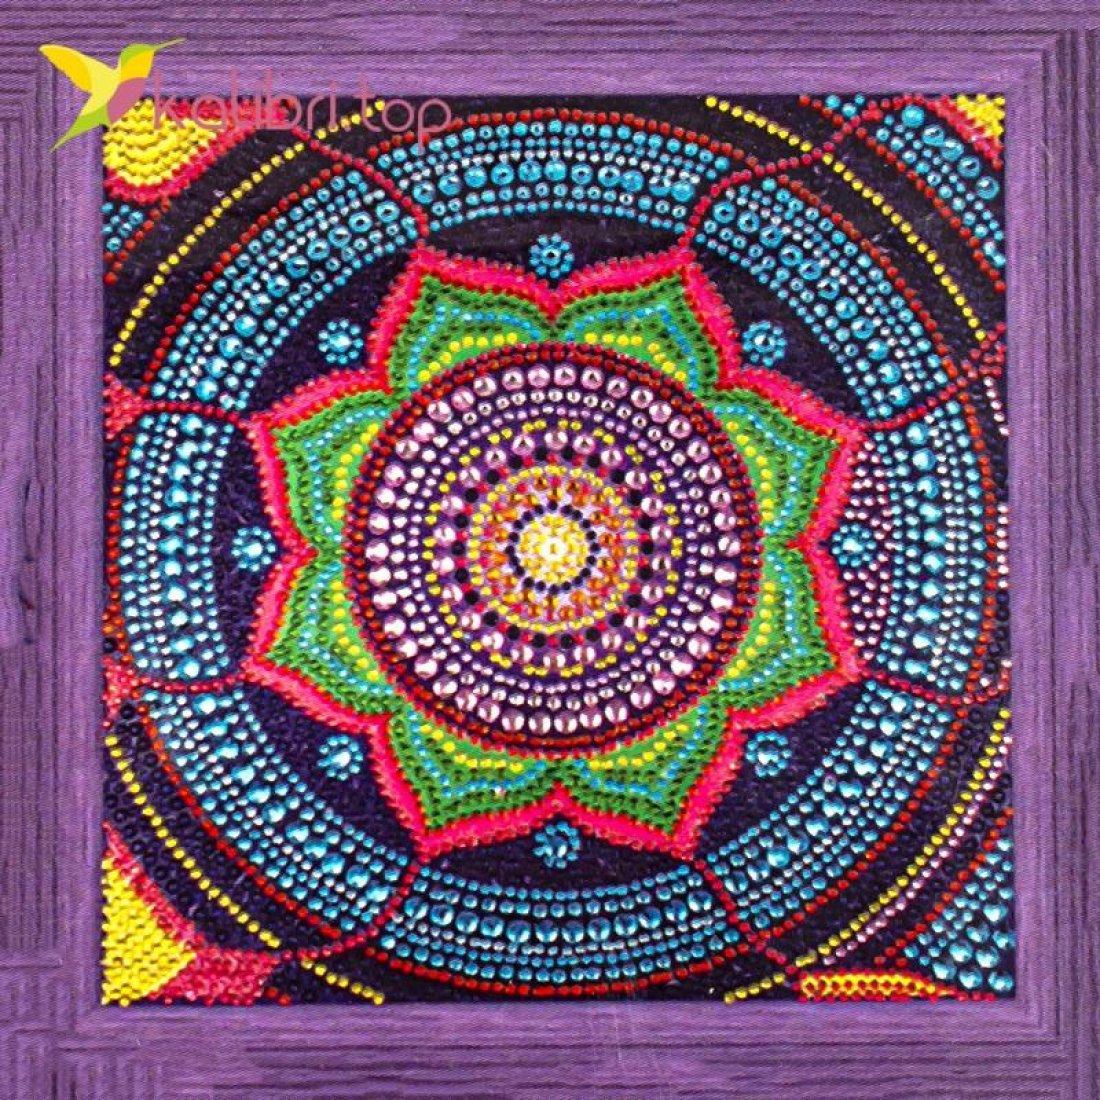 Алмазная мозаика по номерам Орнамент 30*30 см оптом фото 6399